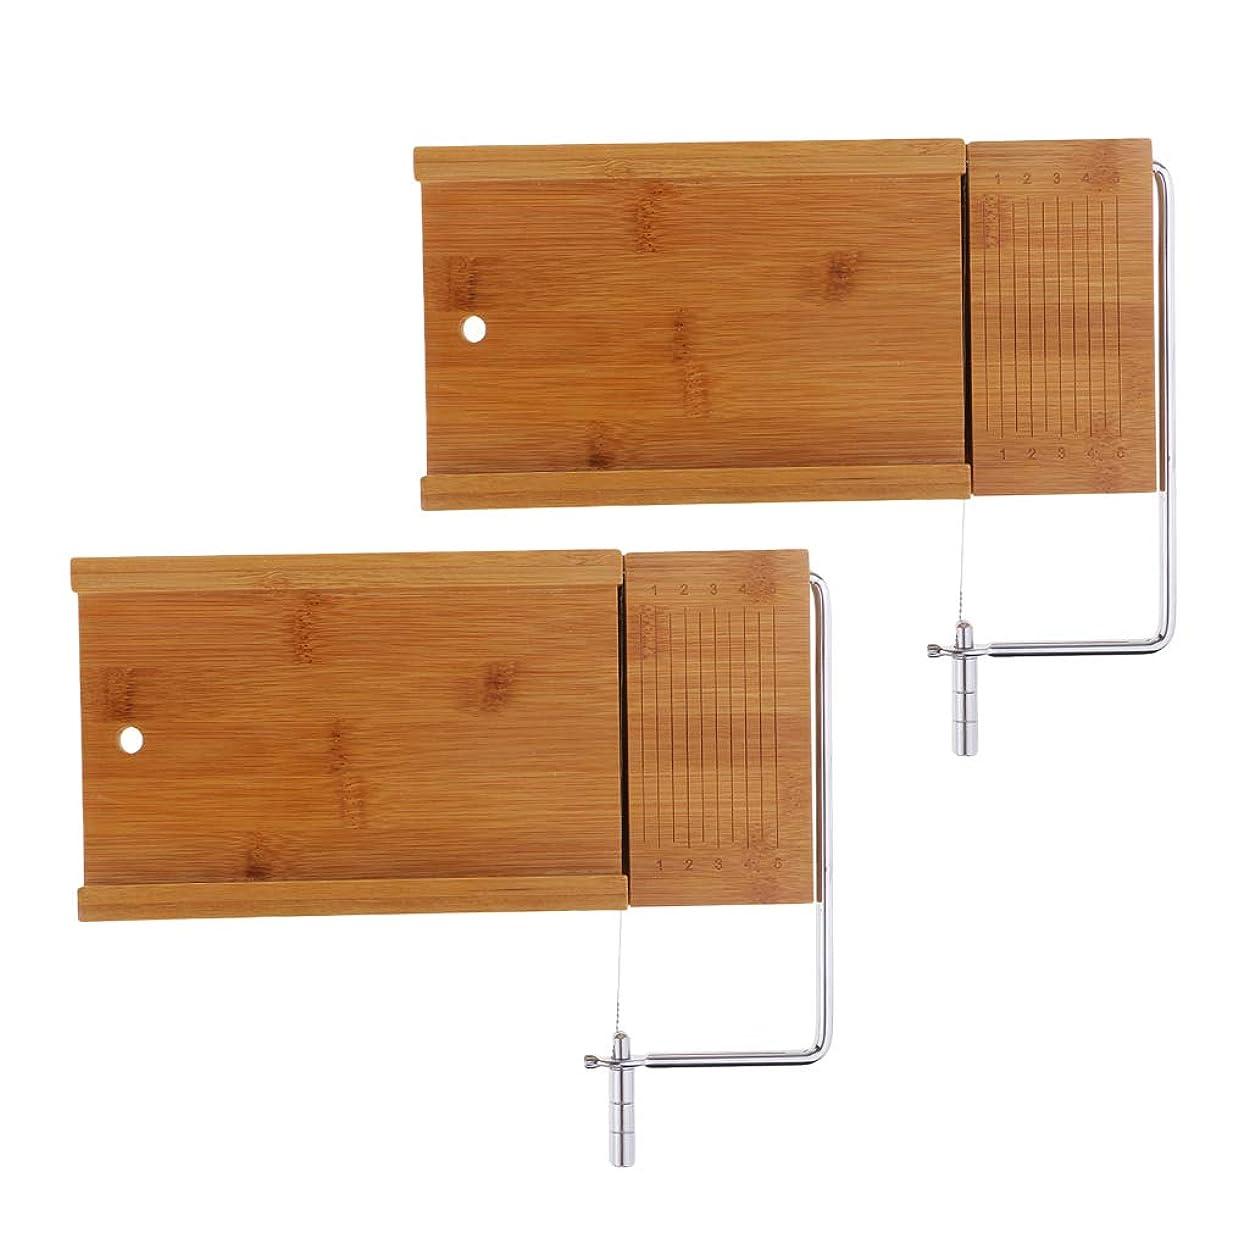 獣インタラクションナプキンgazechimp 2個入り ソープスライサー ソープカッター 台 木質 せっけんカッター ワイヤー 石鹸切削工具 耐久性